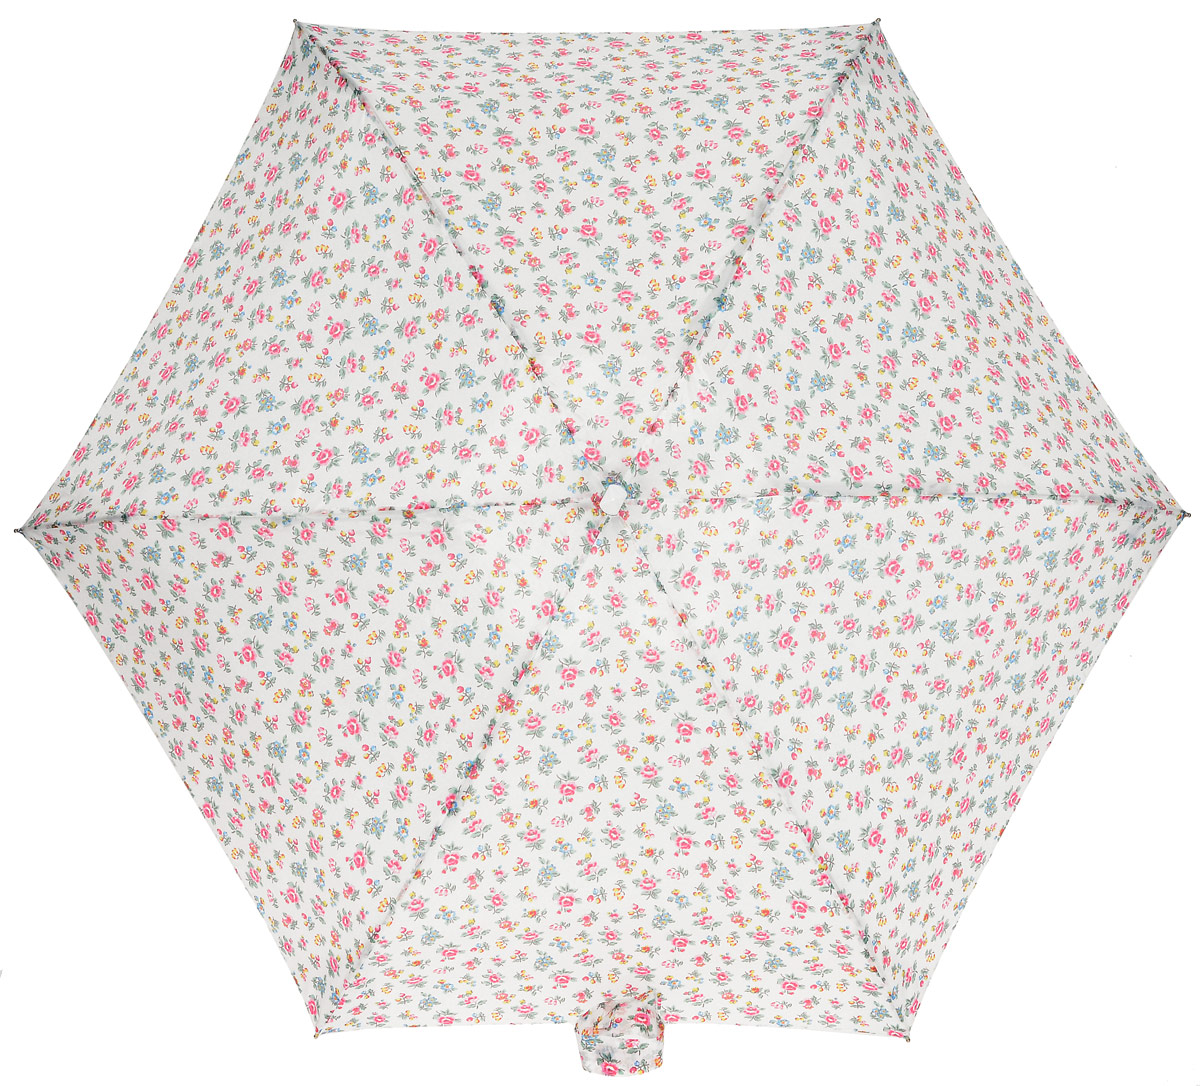 Зонт женский Fulton Cath Kidston, механический, 5 сложений, цвет: белый, мультиколор. L521-3133REM12-CAM-GREENBLACKКомпактный женский зонт Fulton выполнен из металла и пластика.Каркас зонта выполнен из шести спиц на прочном алюминиевом стержне. Купол зонта изготовлен из прочного полиэстера. Закрытый купол застегивается на хлястик с липучкой. Практичная рукоятка закругленной формы разработана с учетом требований эргономики и выполнена из натурального дерева.Зонт складывается и раскладывается механическим способом.Зонт дополнен легким плоским чехлом. Такая модель не только надежно защитит от дождя, но и станет стильным аксессуаром.